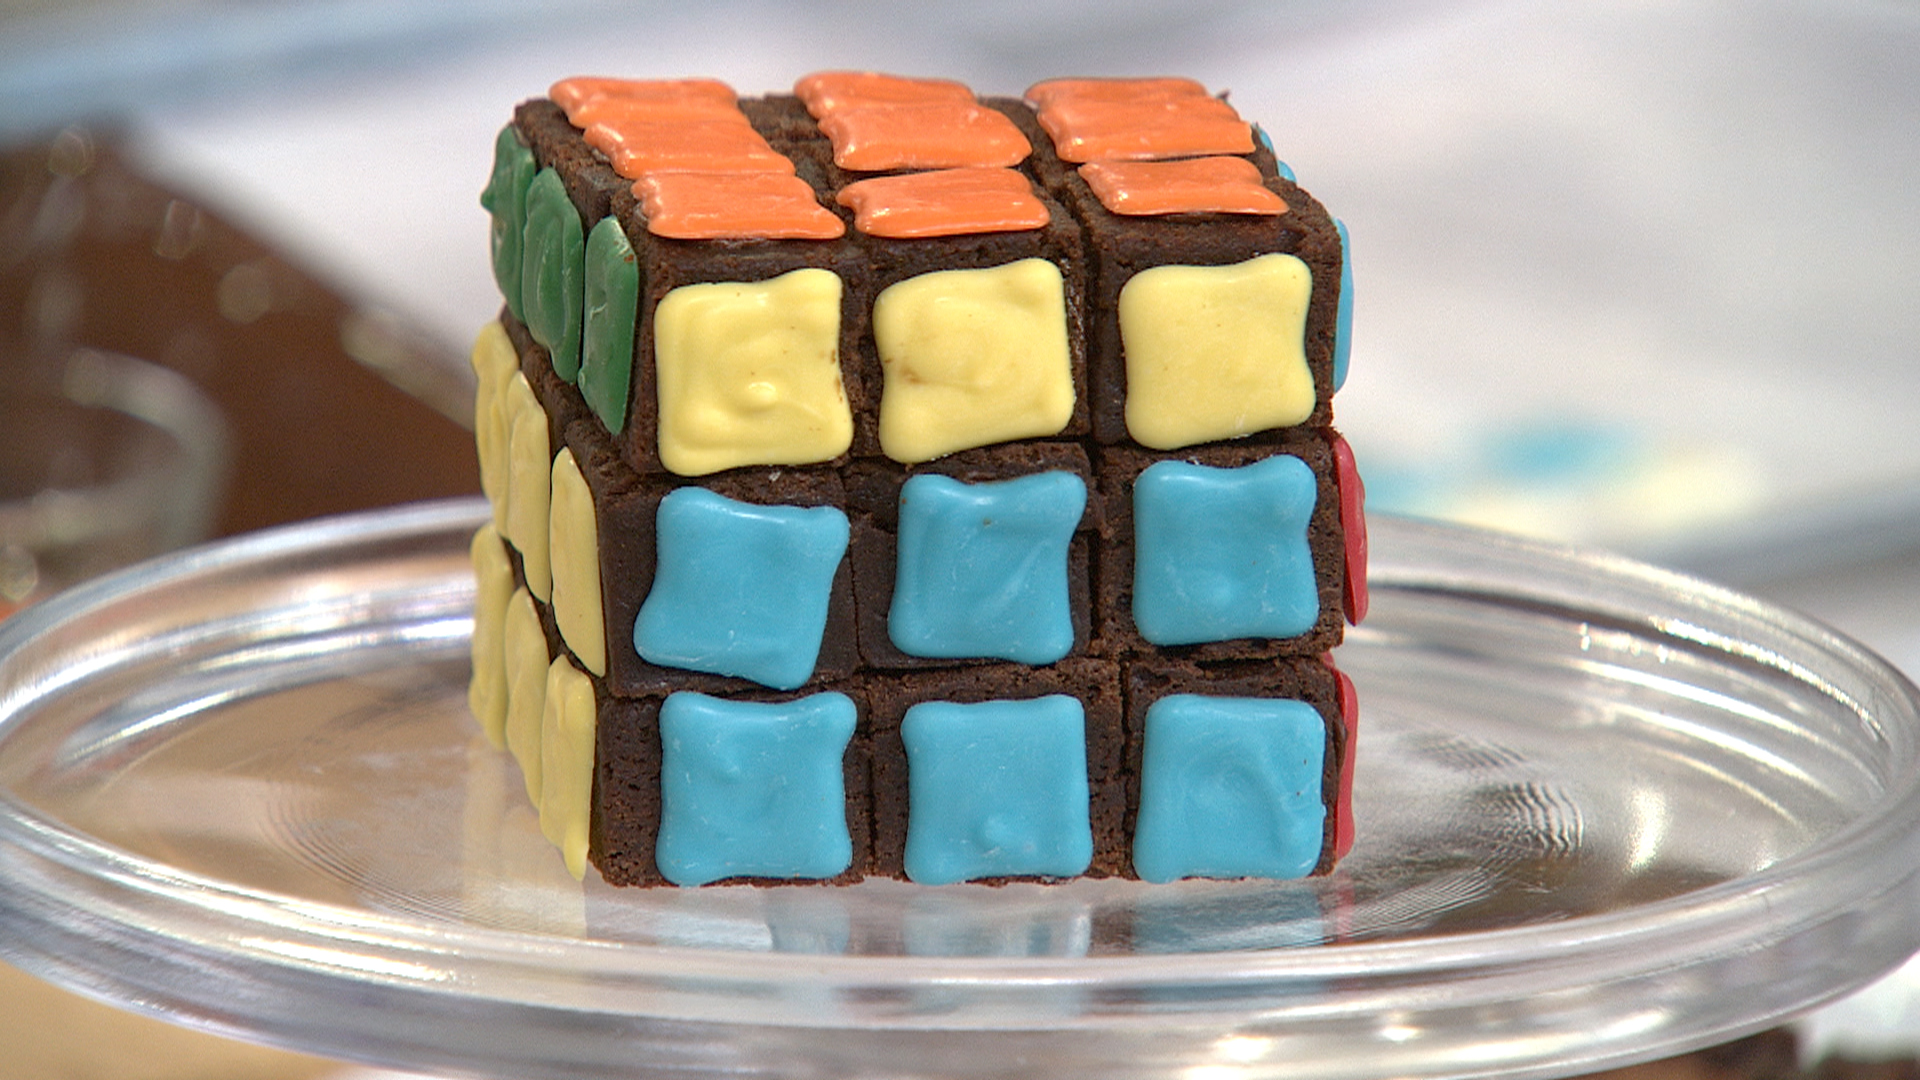 rubik's cube brownies, lego cookies: diy desserts